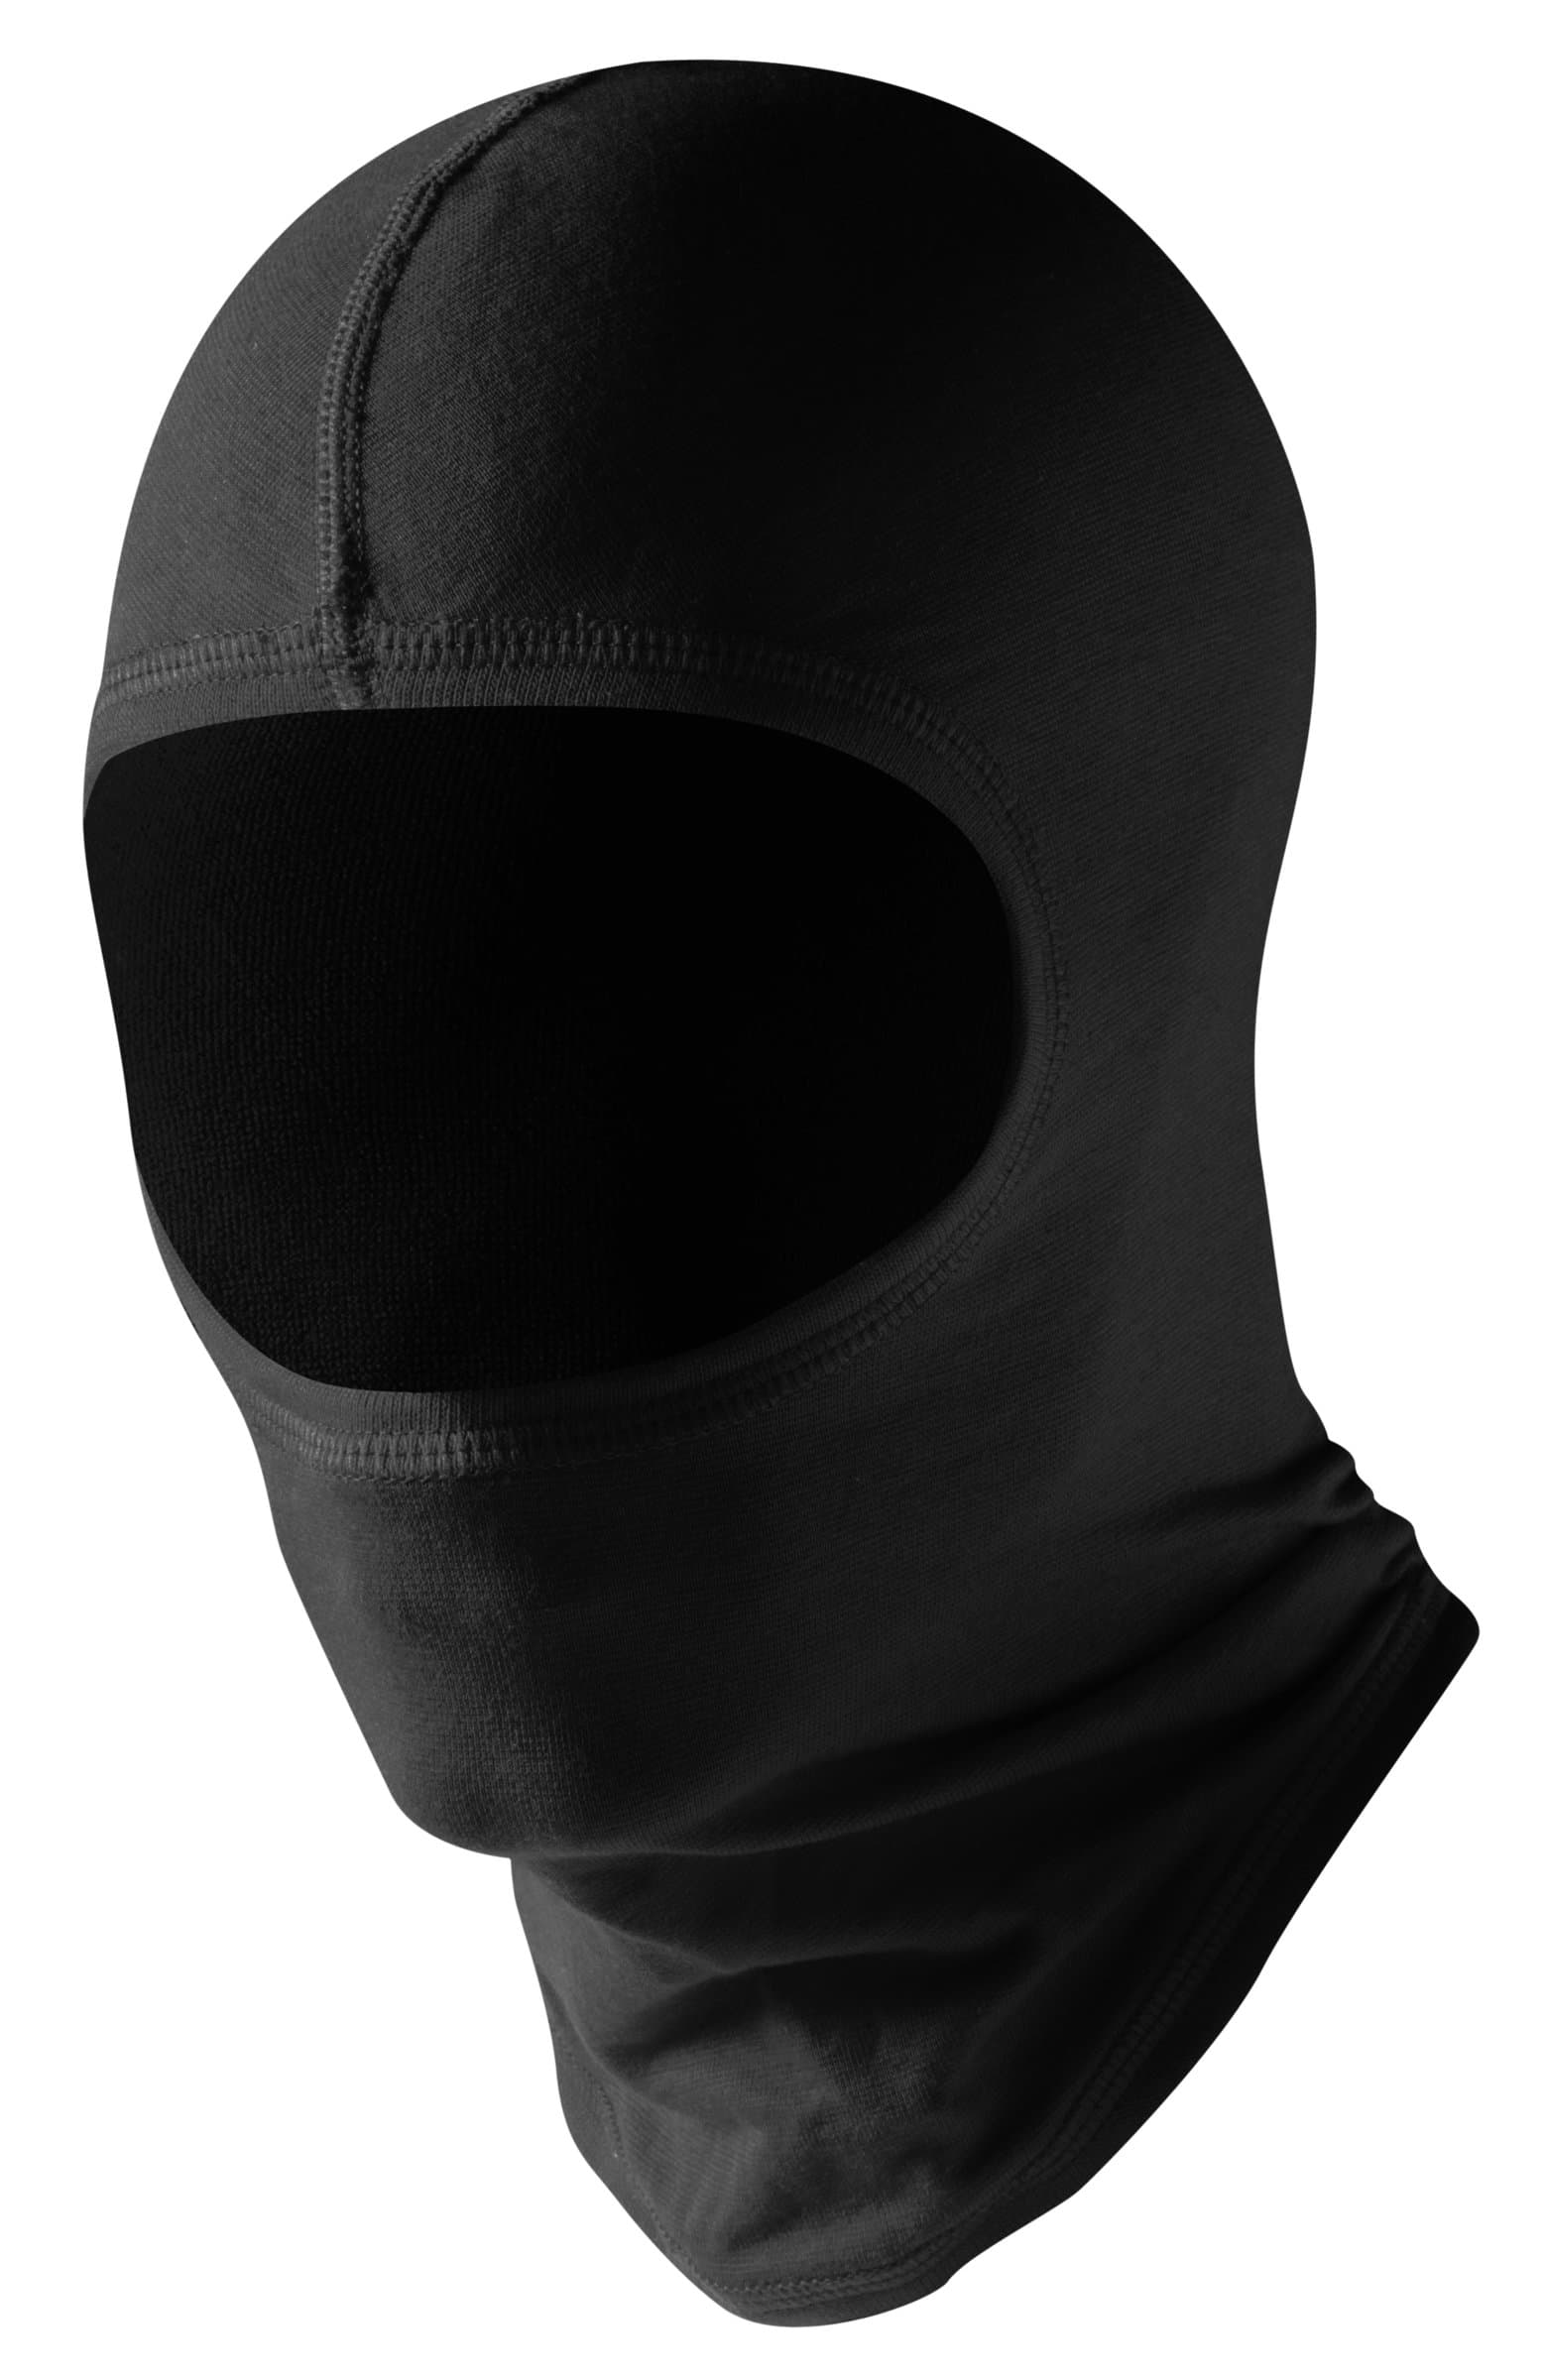 Löffler Sturmmütze Transtex Bonnet unisexe